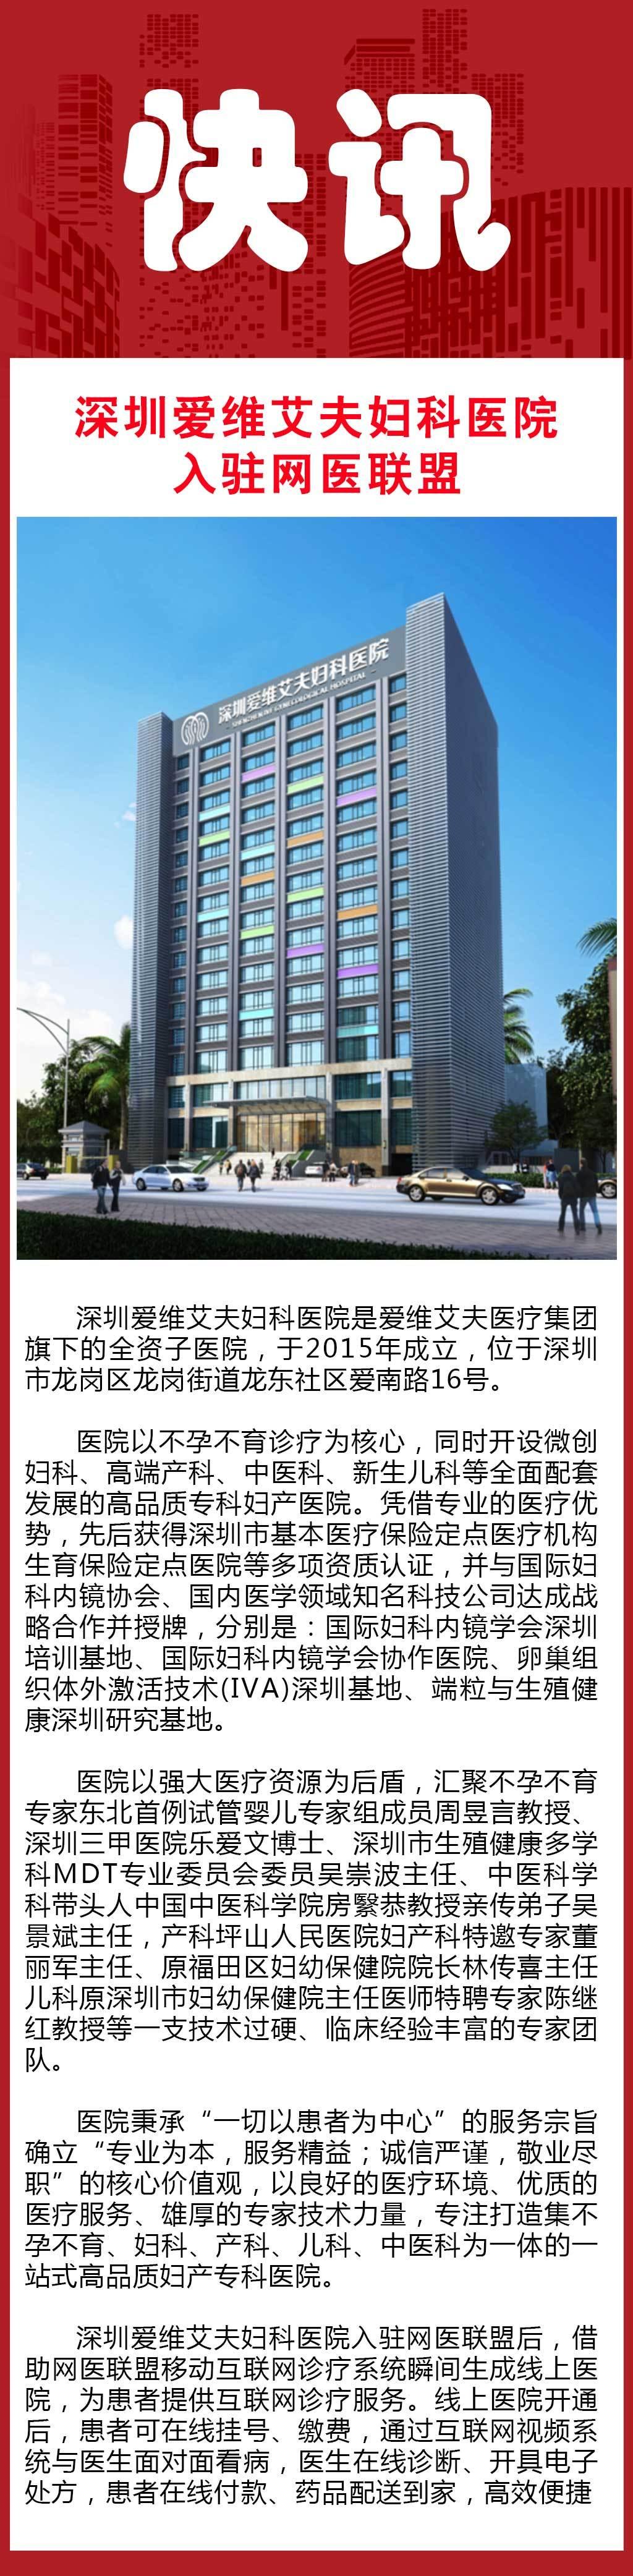 深圳爱维艾匹俦科医院入驻网络医疗联盟